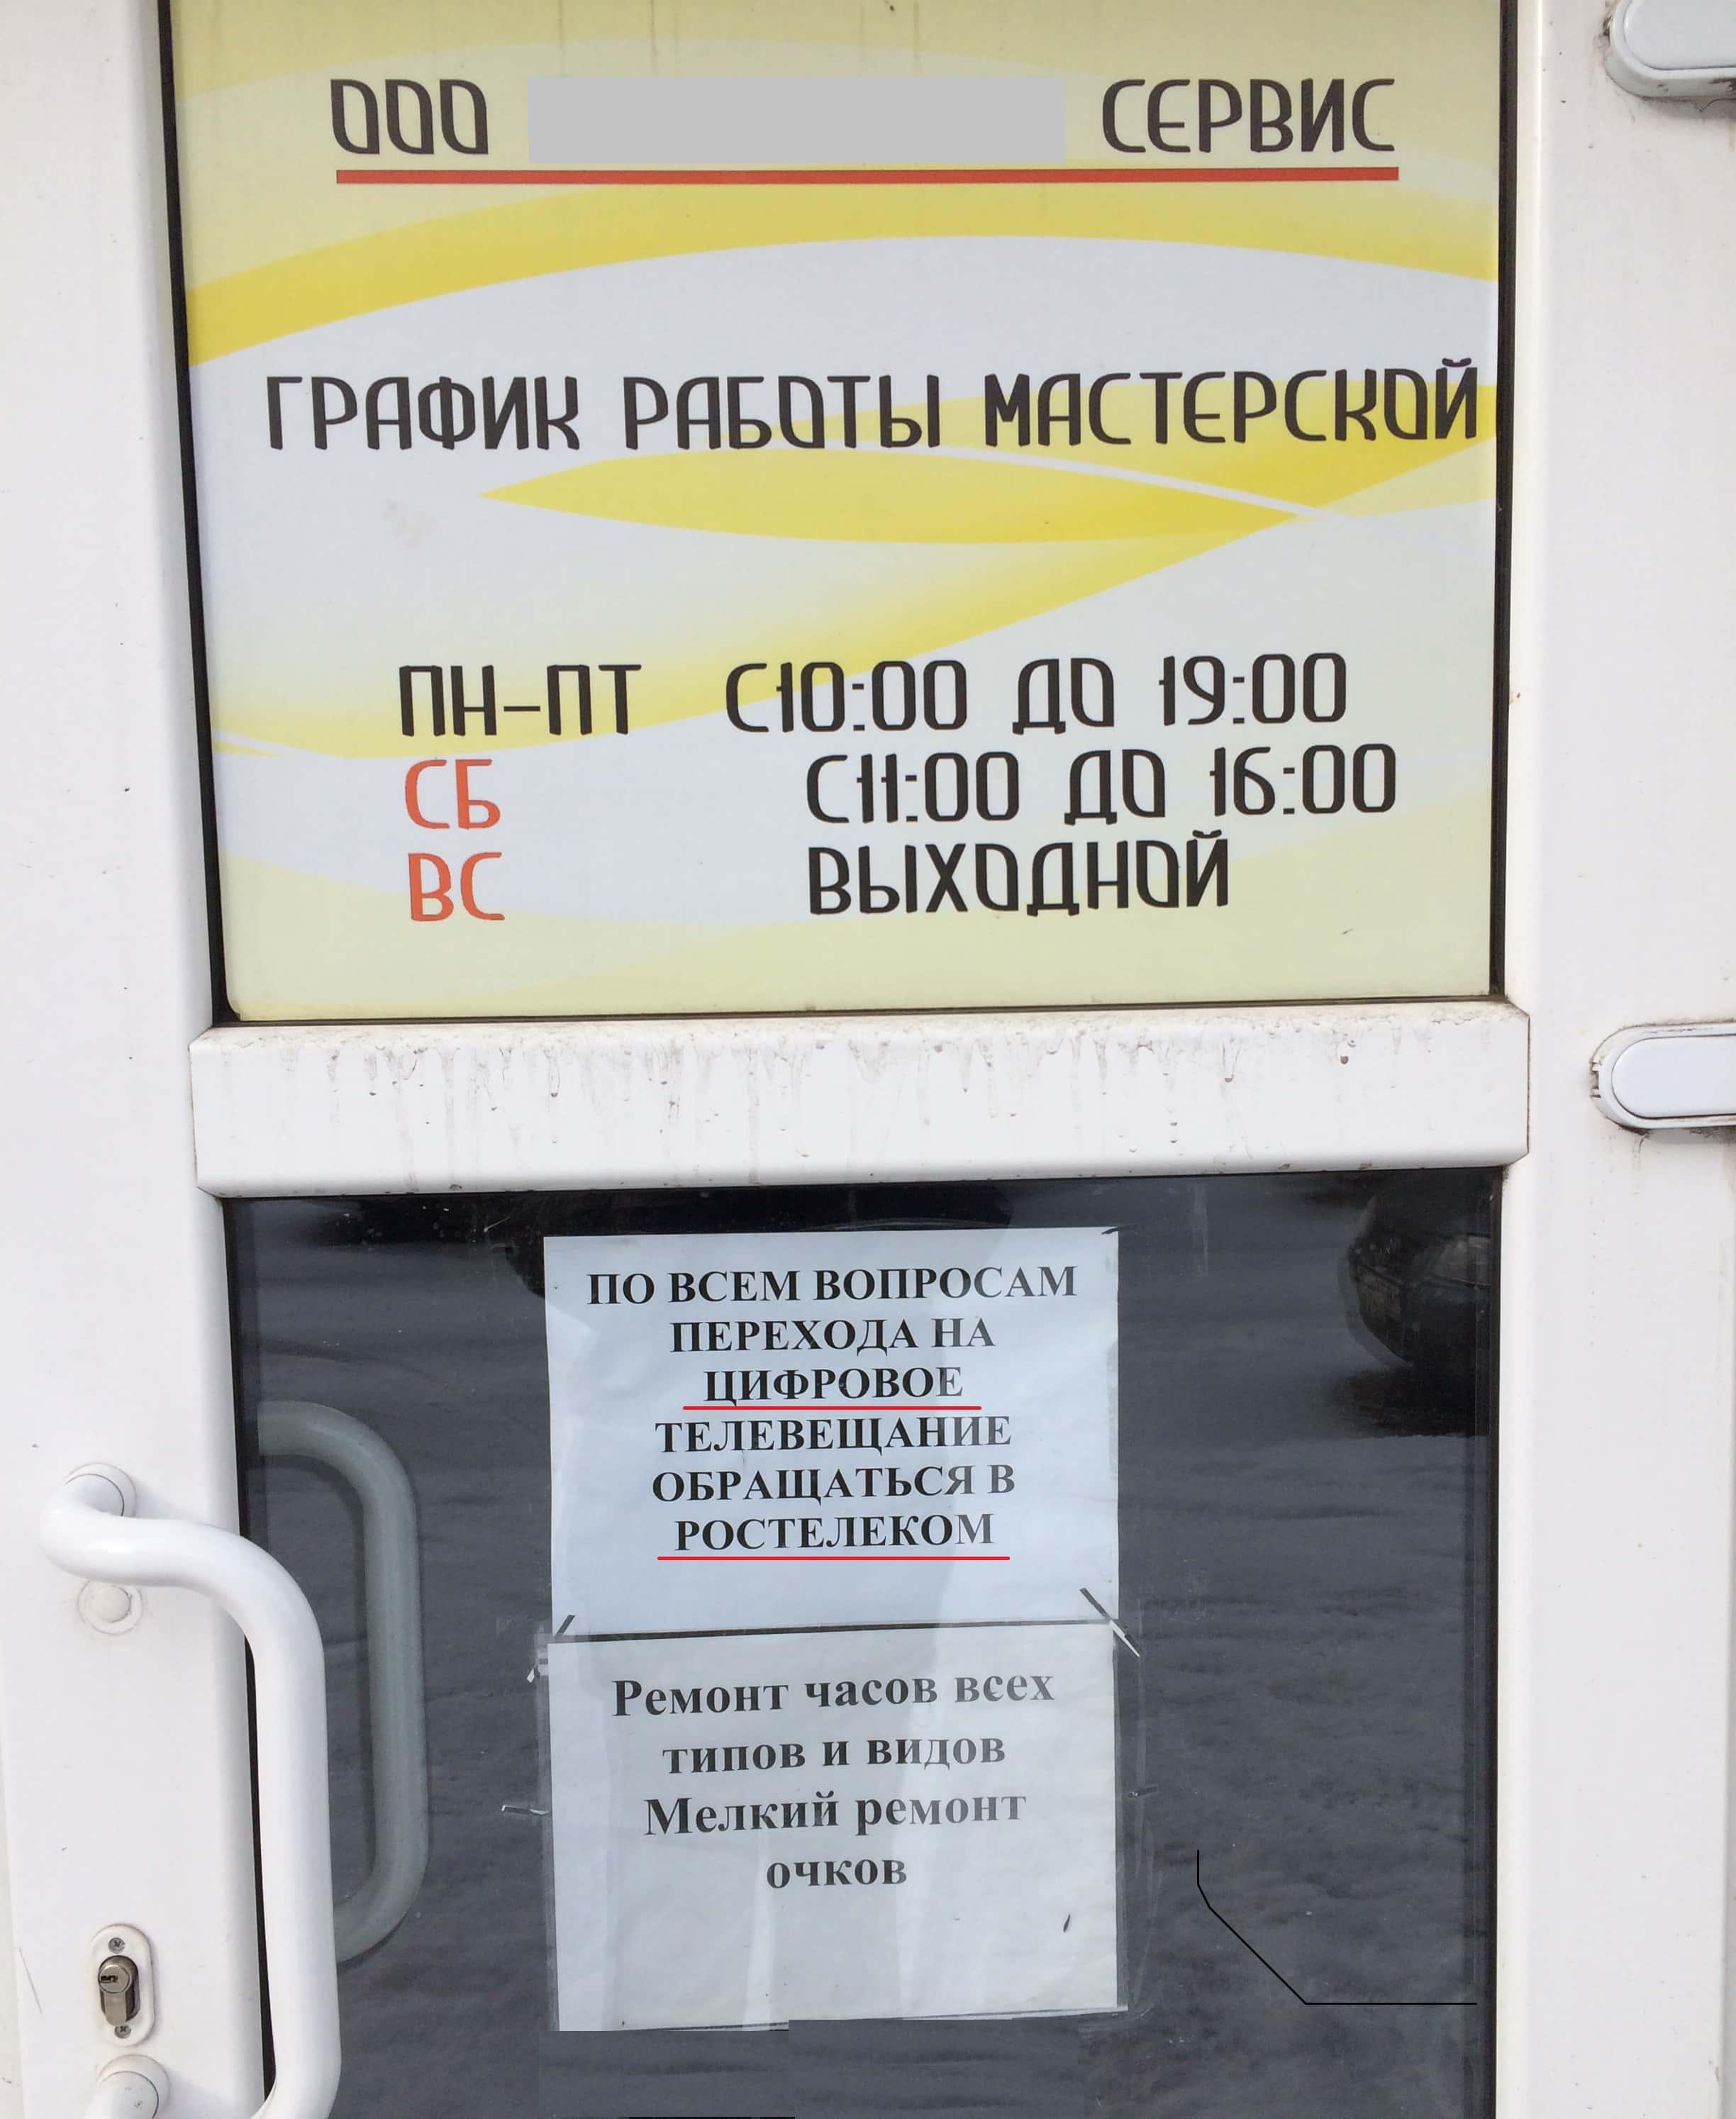 по вопросам перехода на цифровое телевещание обращаться в Ростелеком